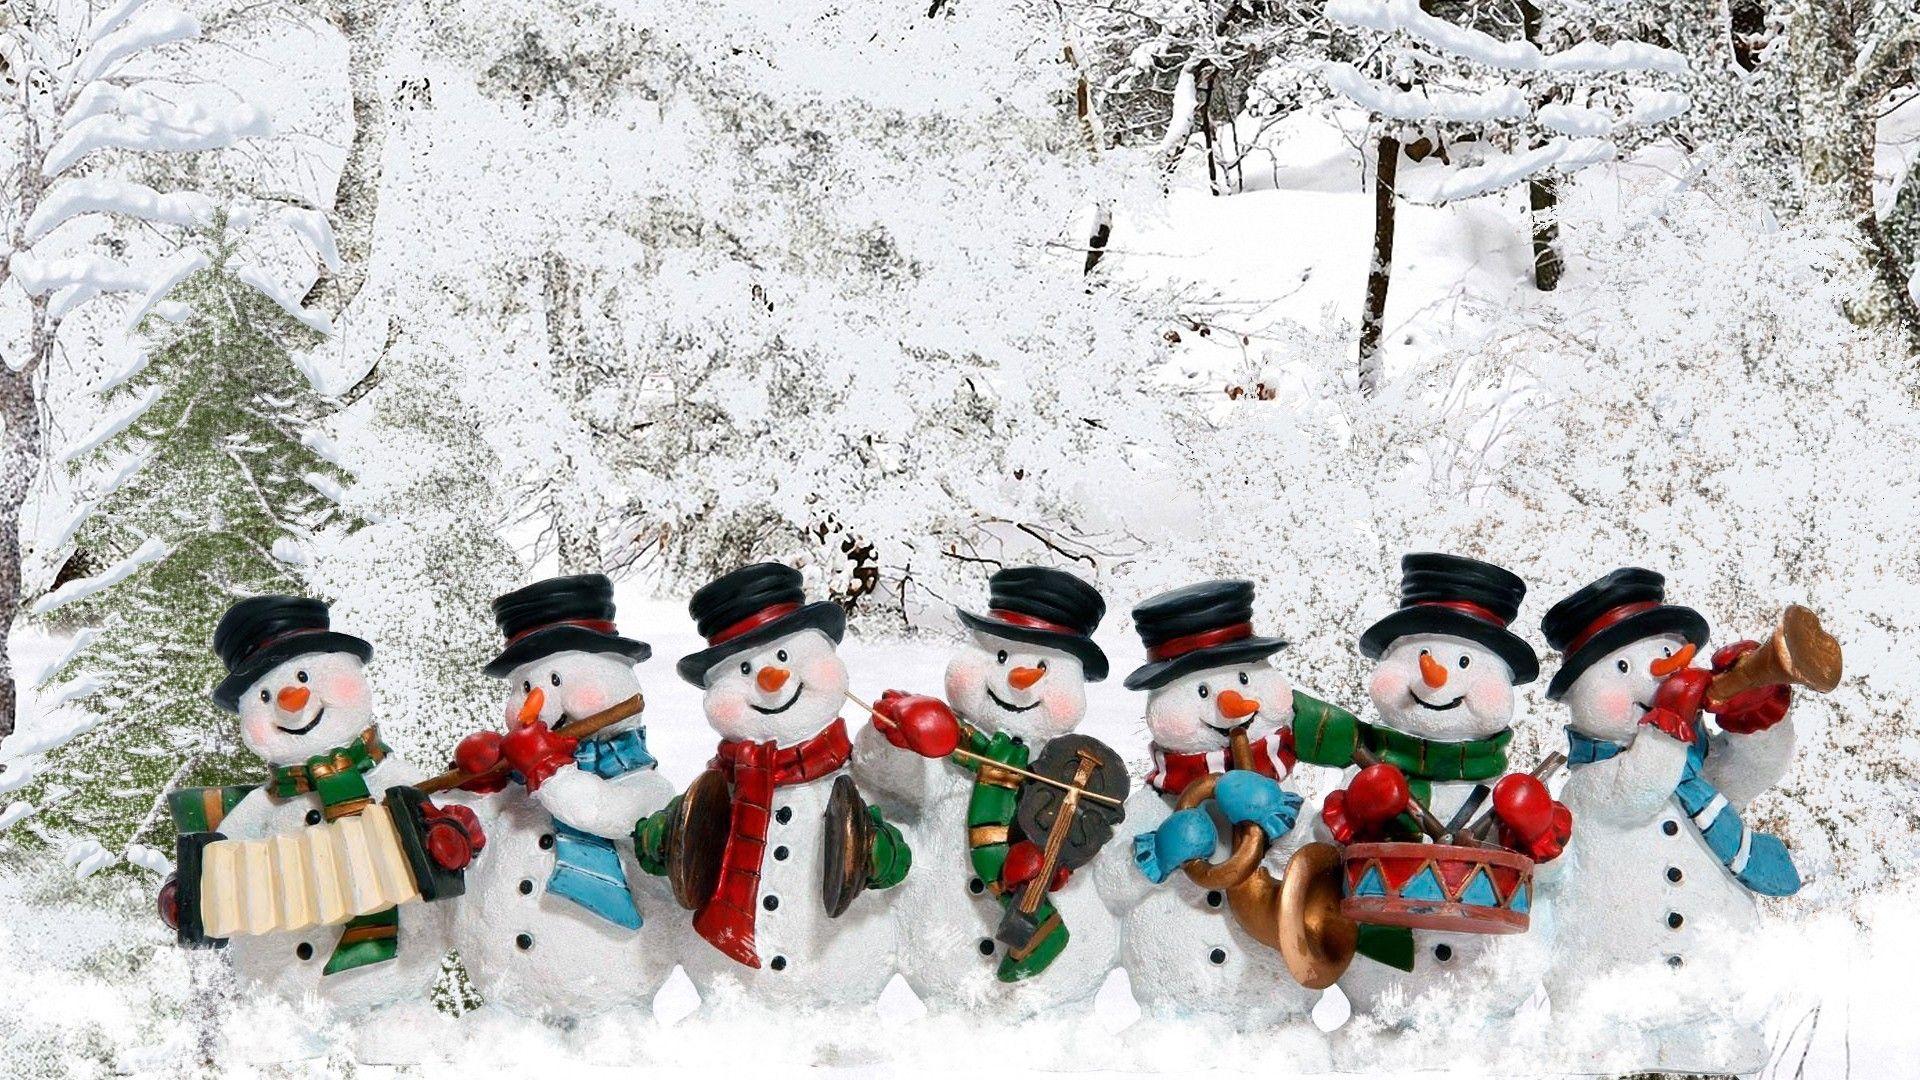 Snowman Wallpaper Winter Wallpaper Snowman